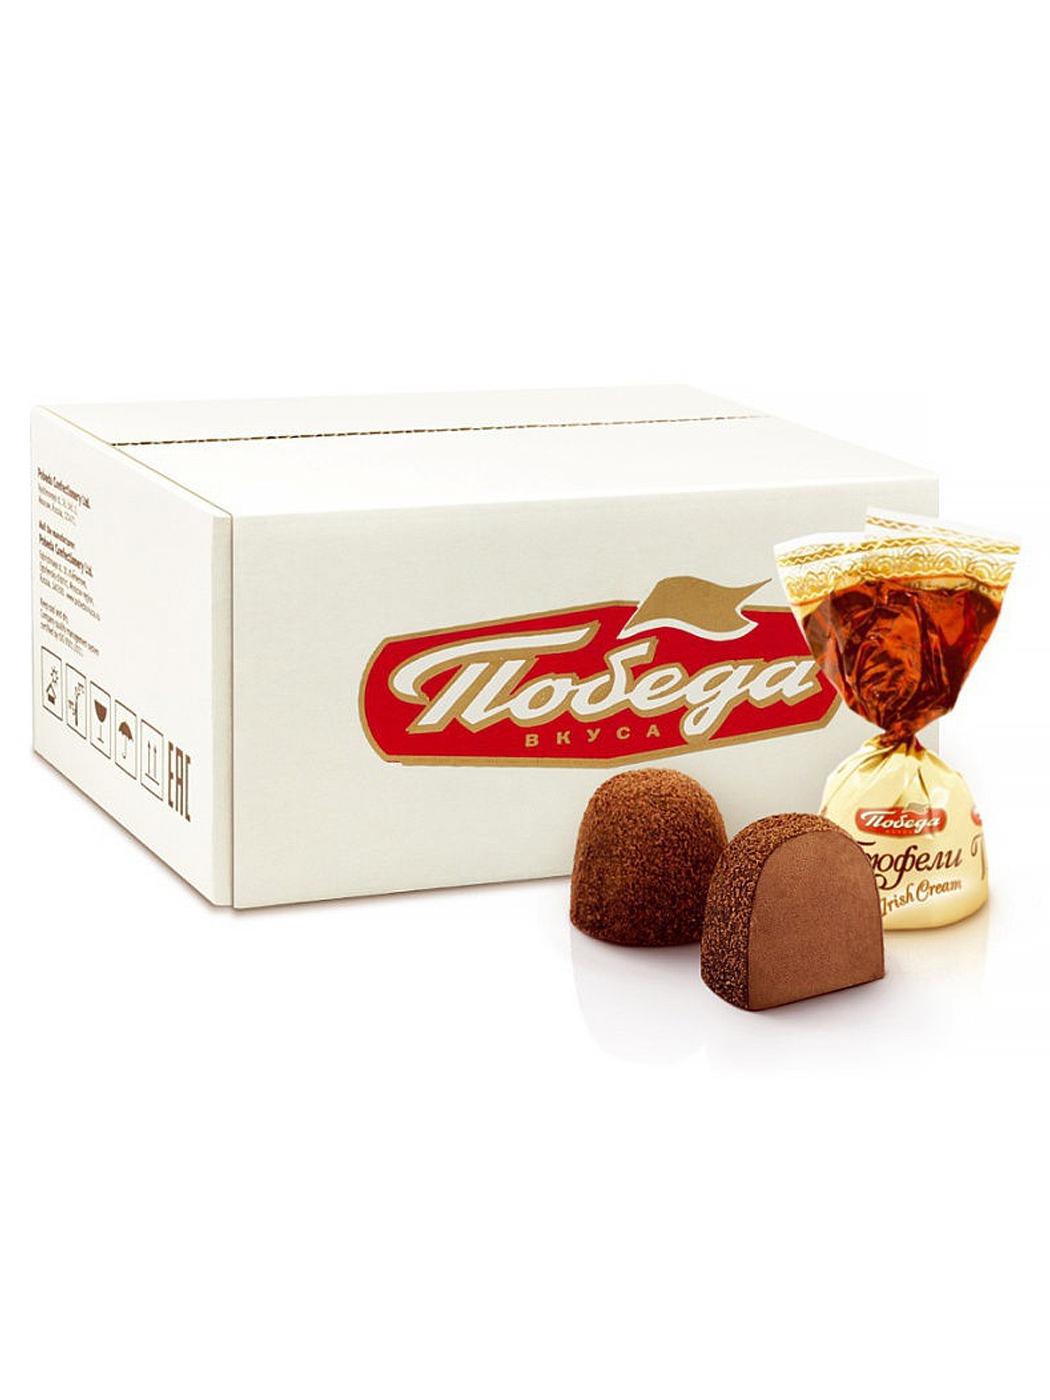 Трюфели шоколадные Победа Вкуса с айриш крем 2 кг фото